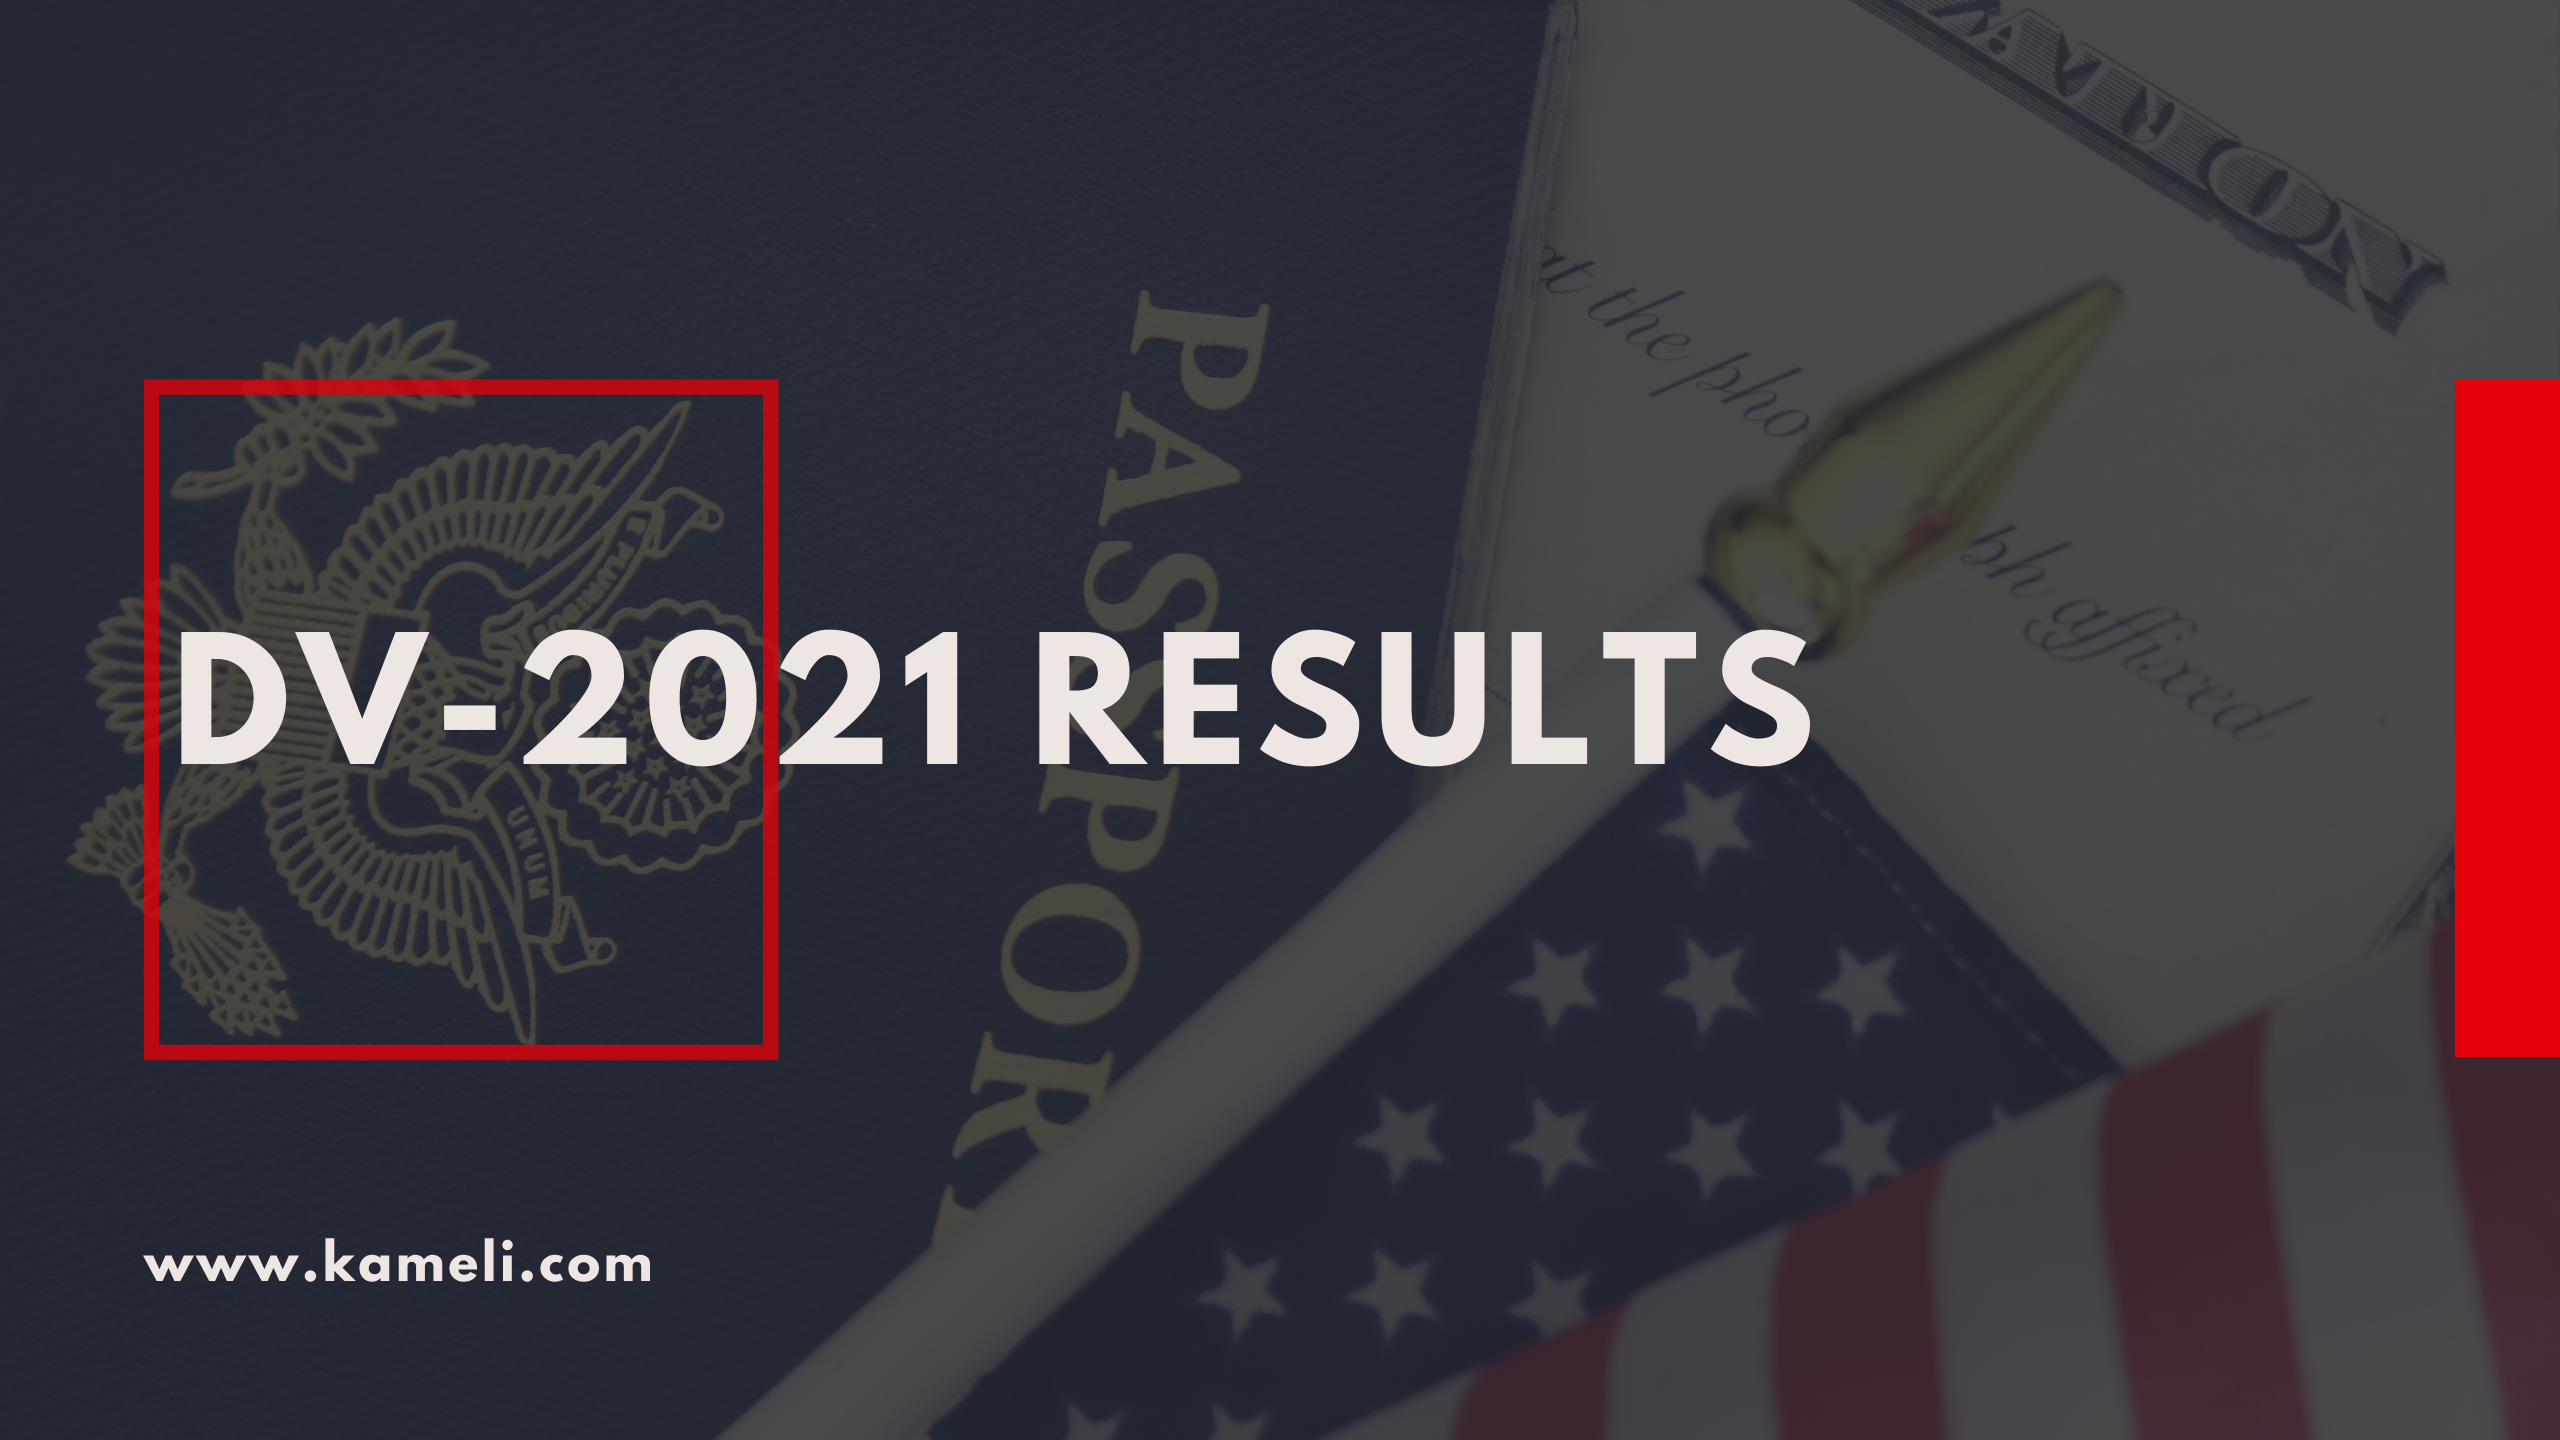 DV-2021 results